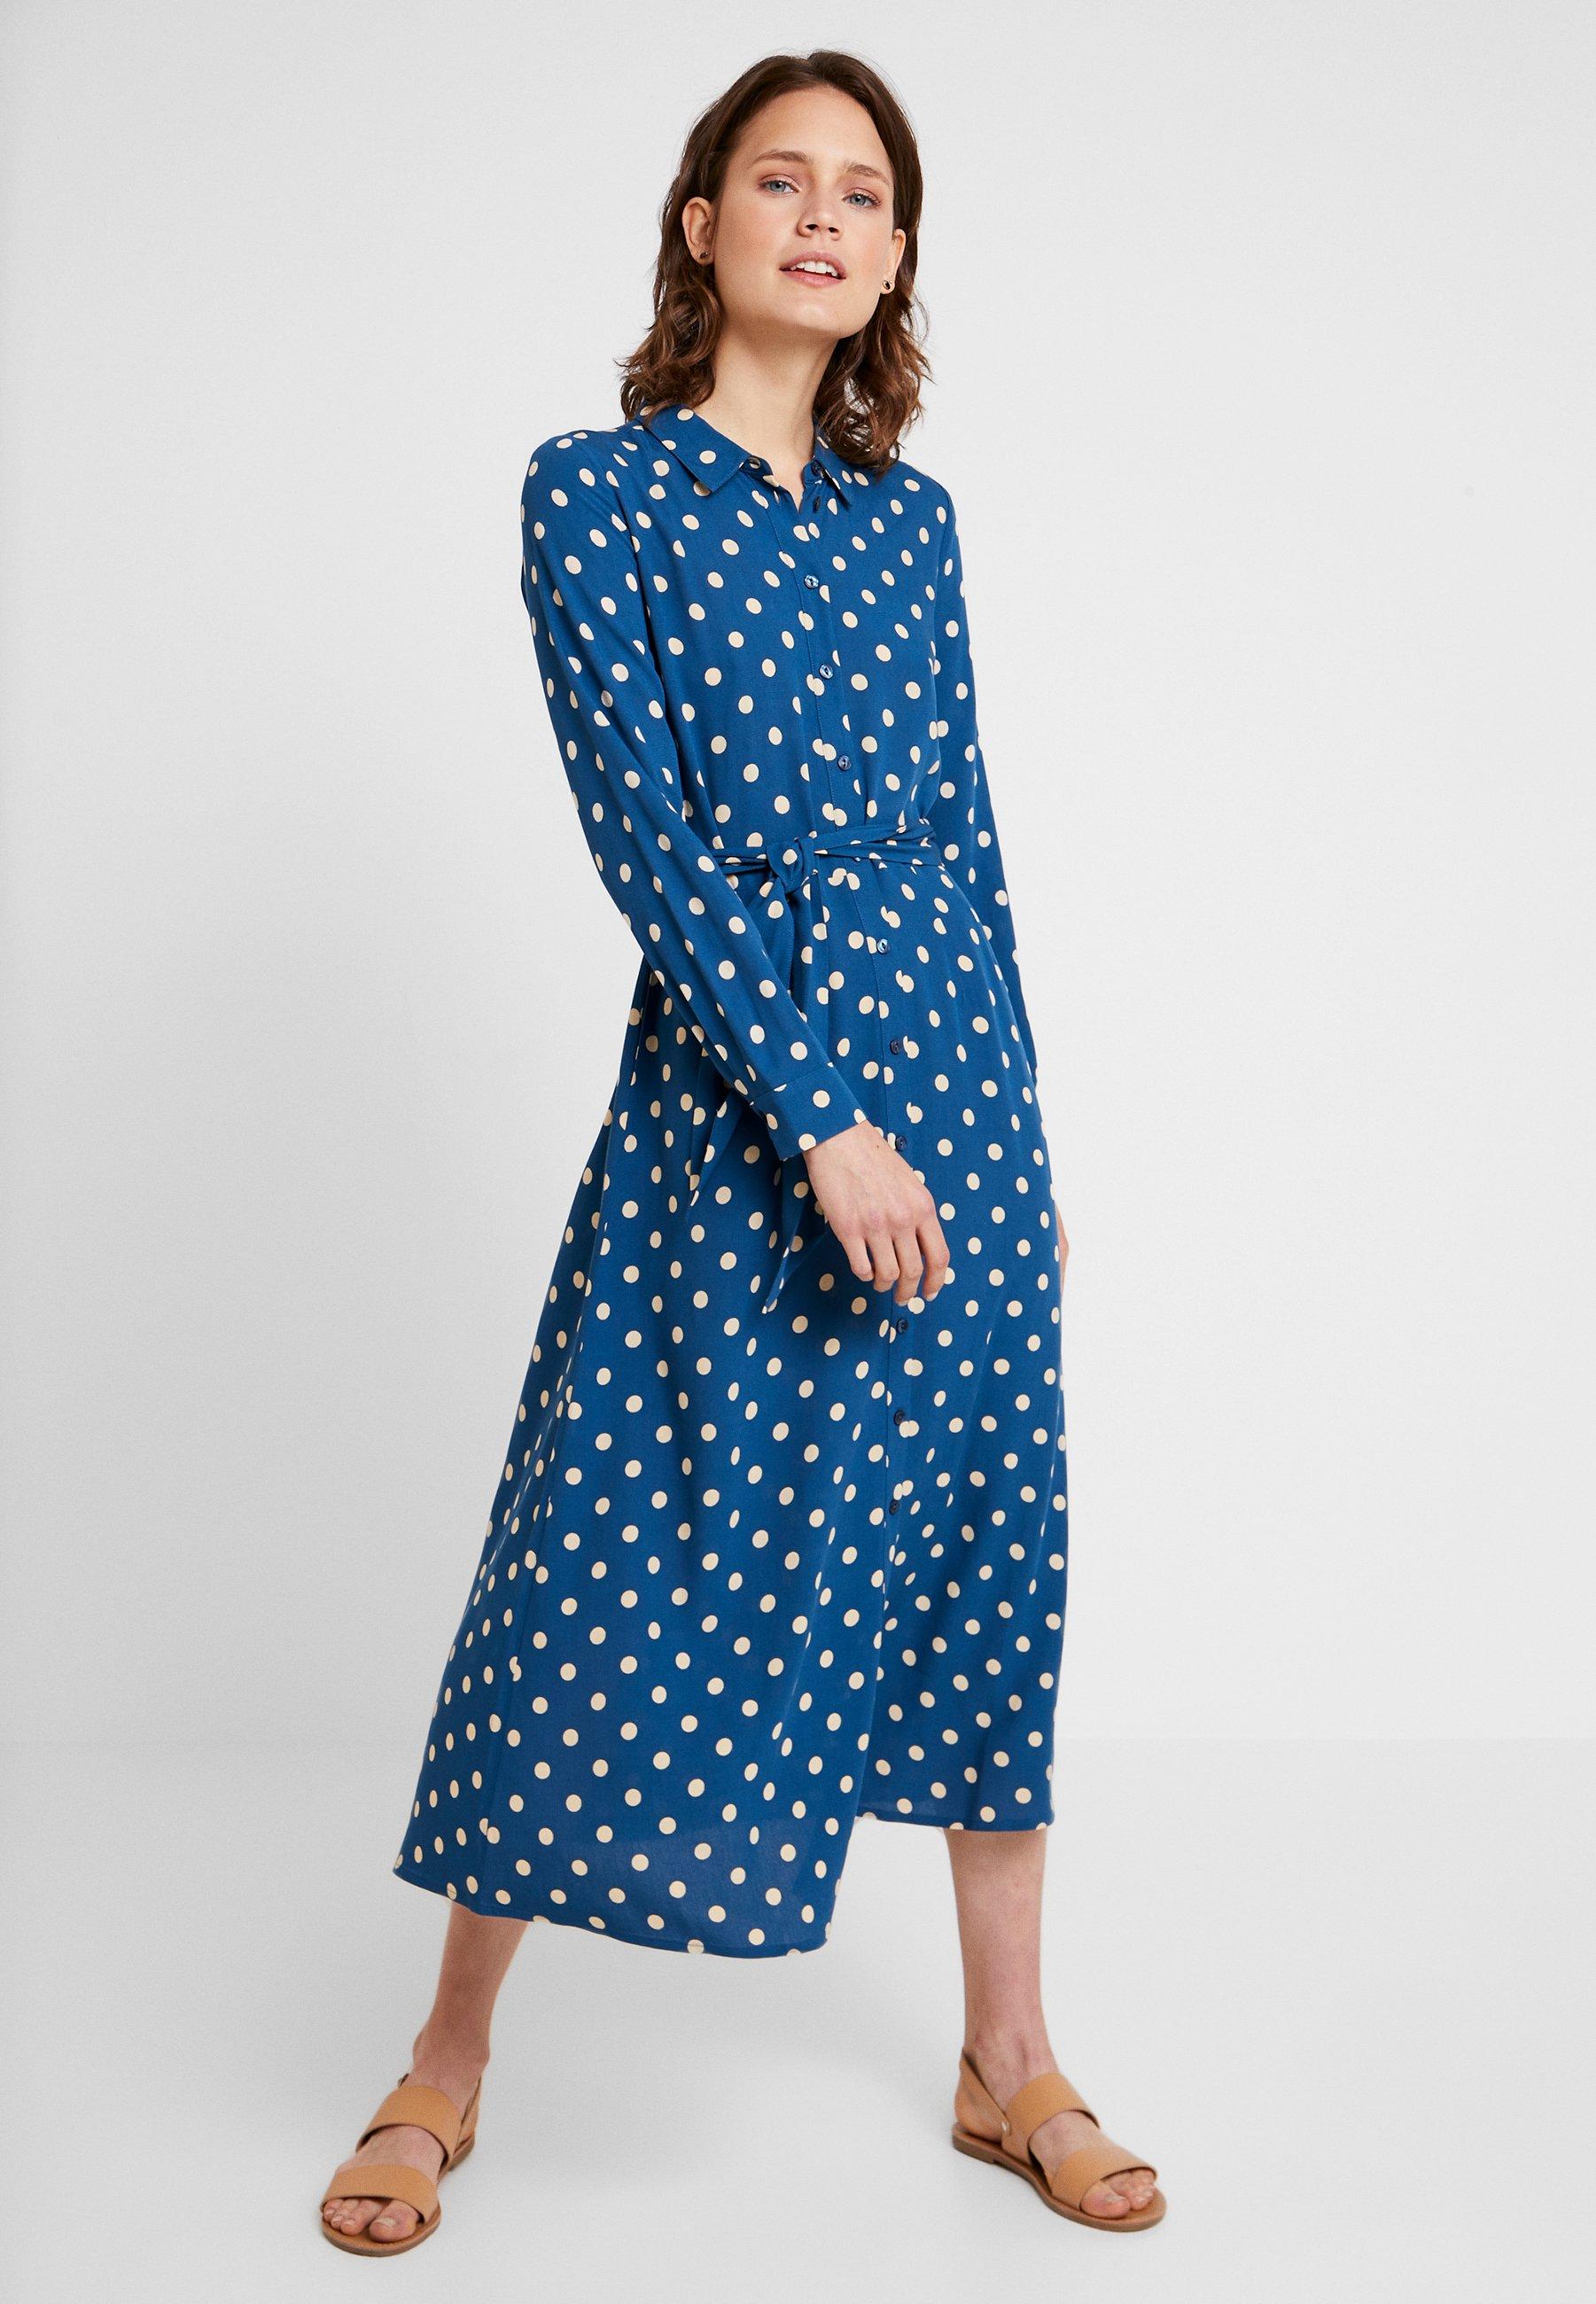 Louie Rosie PolkadotRobe Autumn Midi King Blue Dress Longue W29DHEI